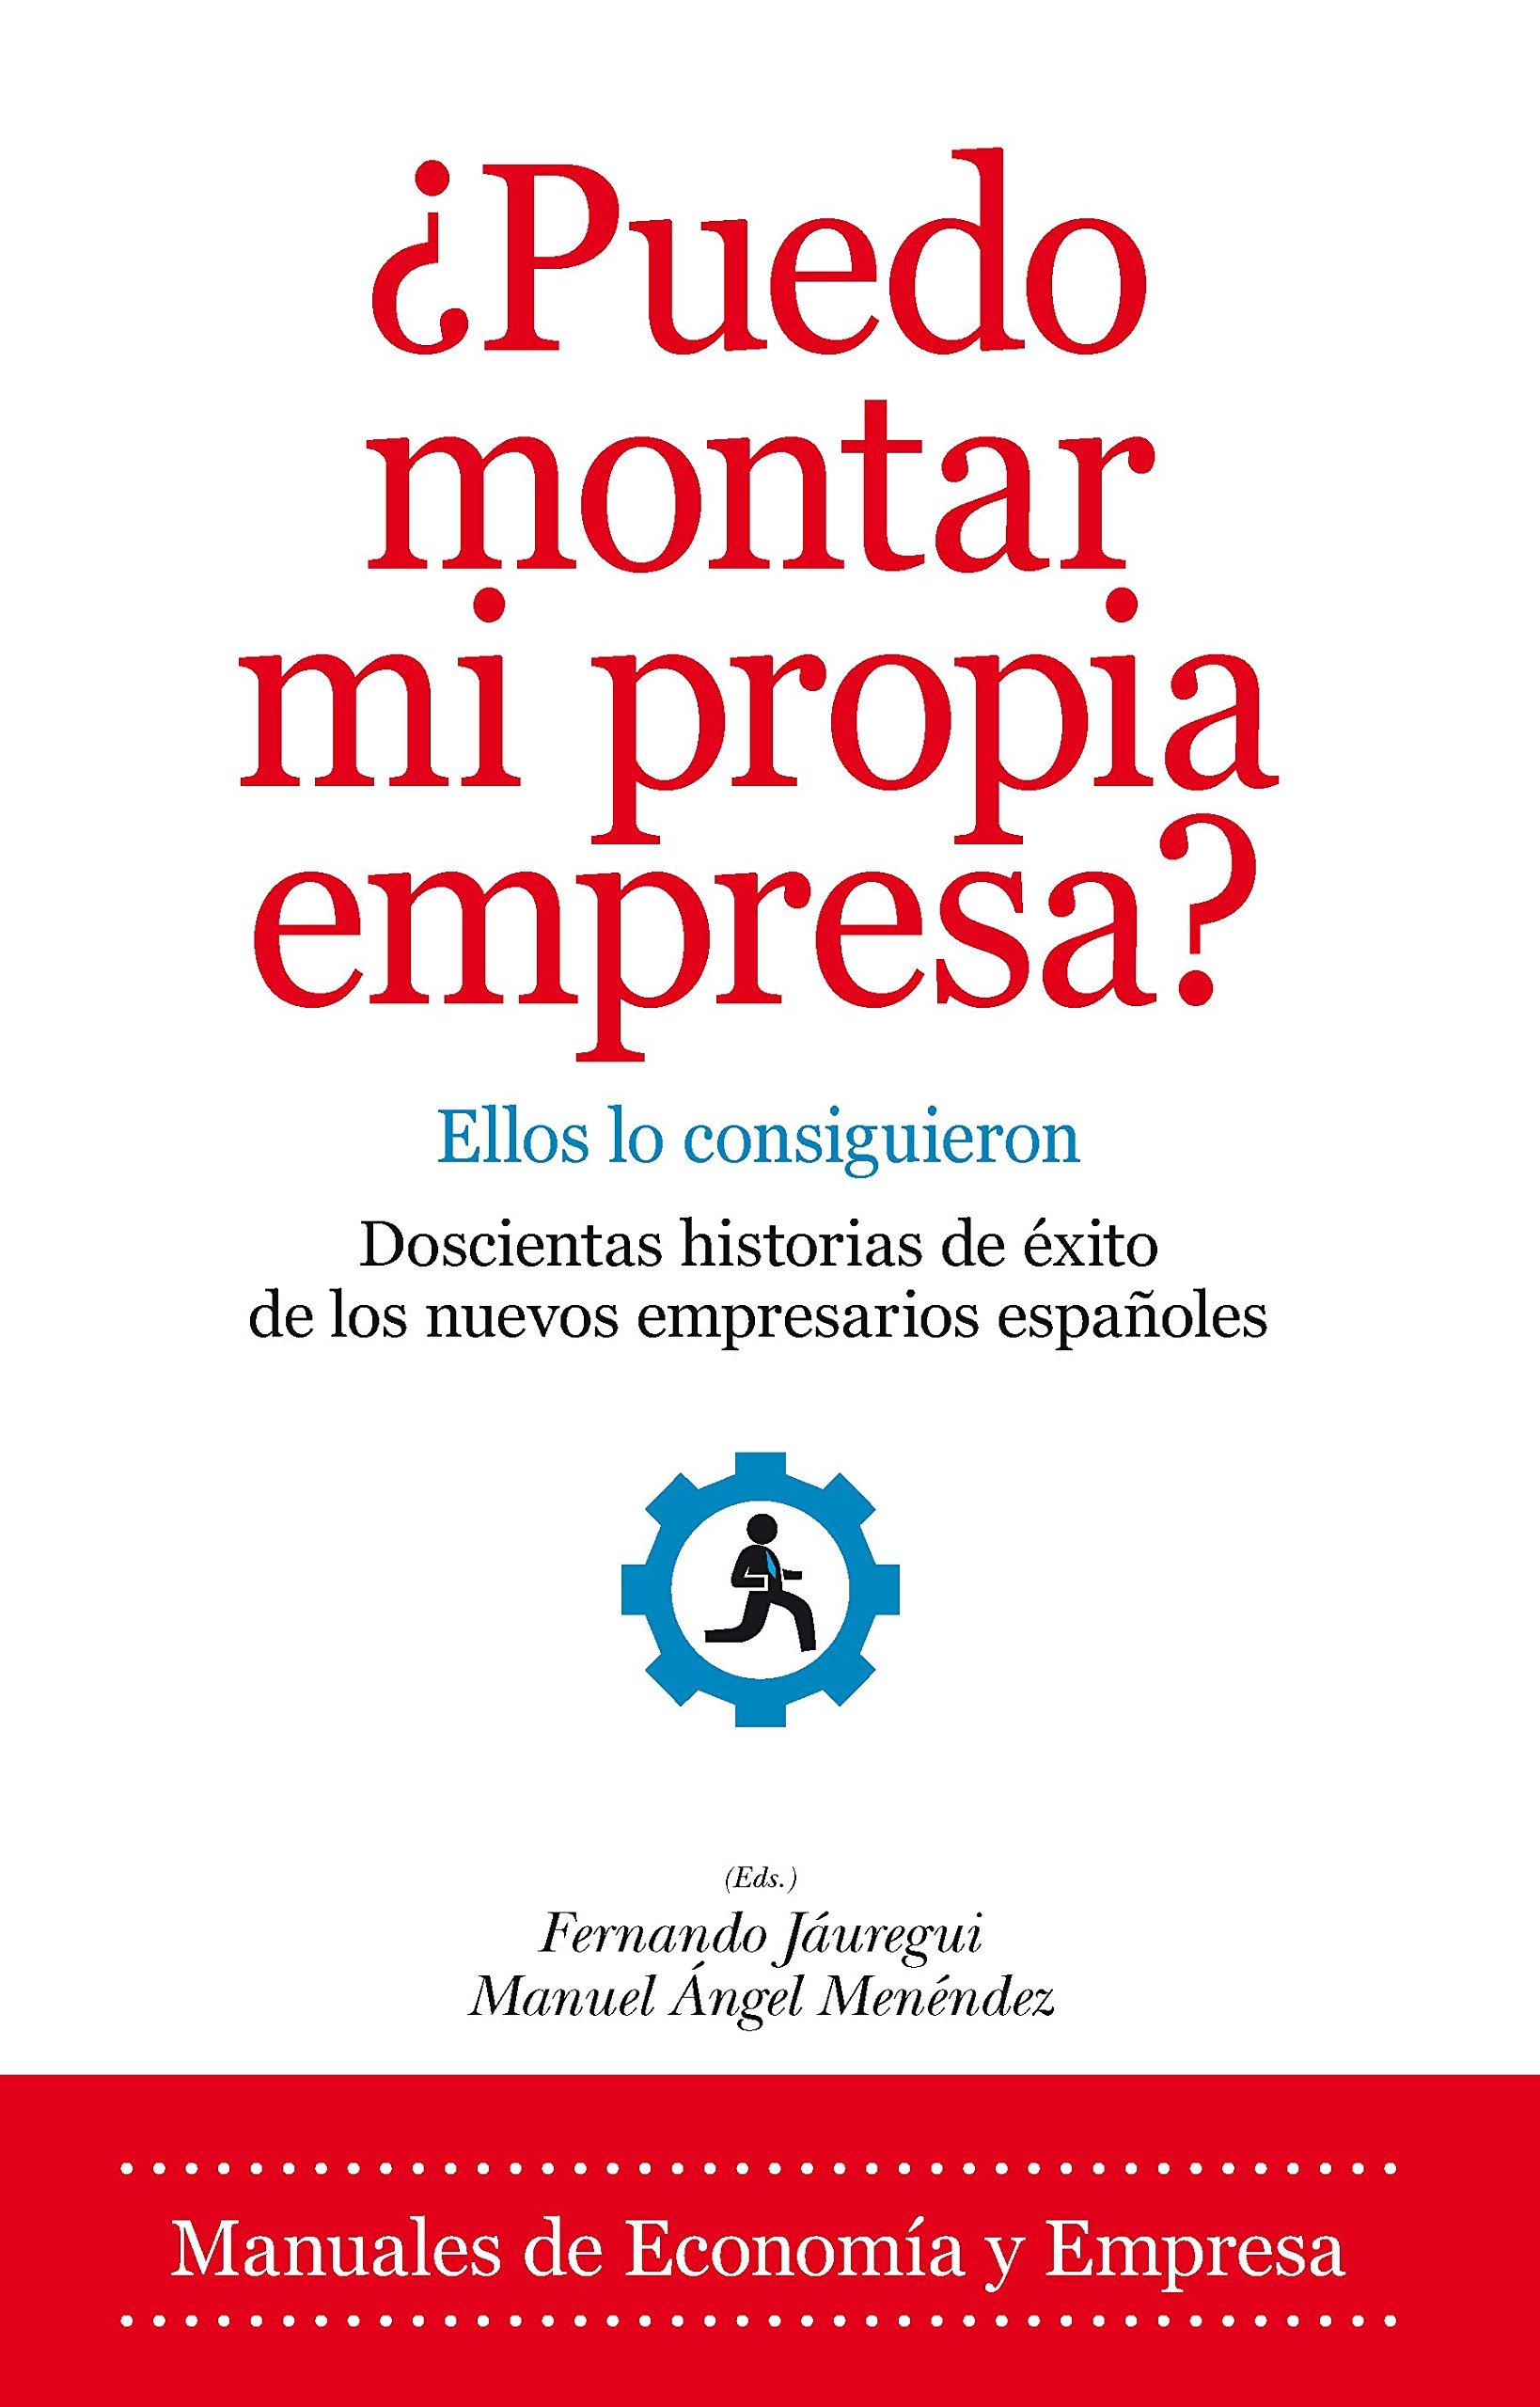 ¿Puedo montar mi propia empresa? : ellos lo consiguieron : doscientas historias de éxito de los nuevos empresarios españoles (Economía)